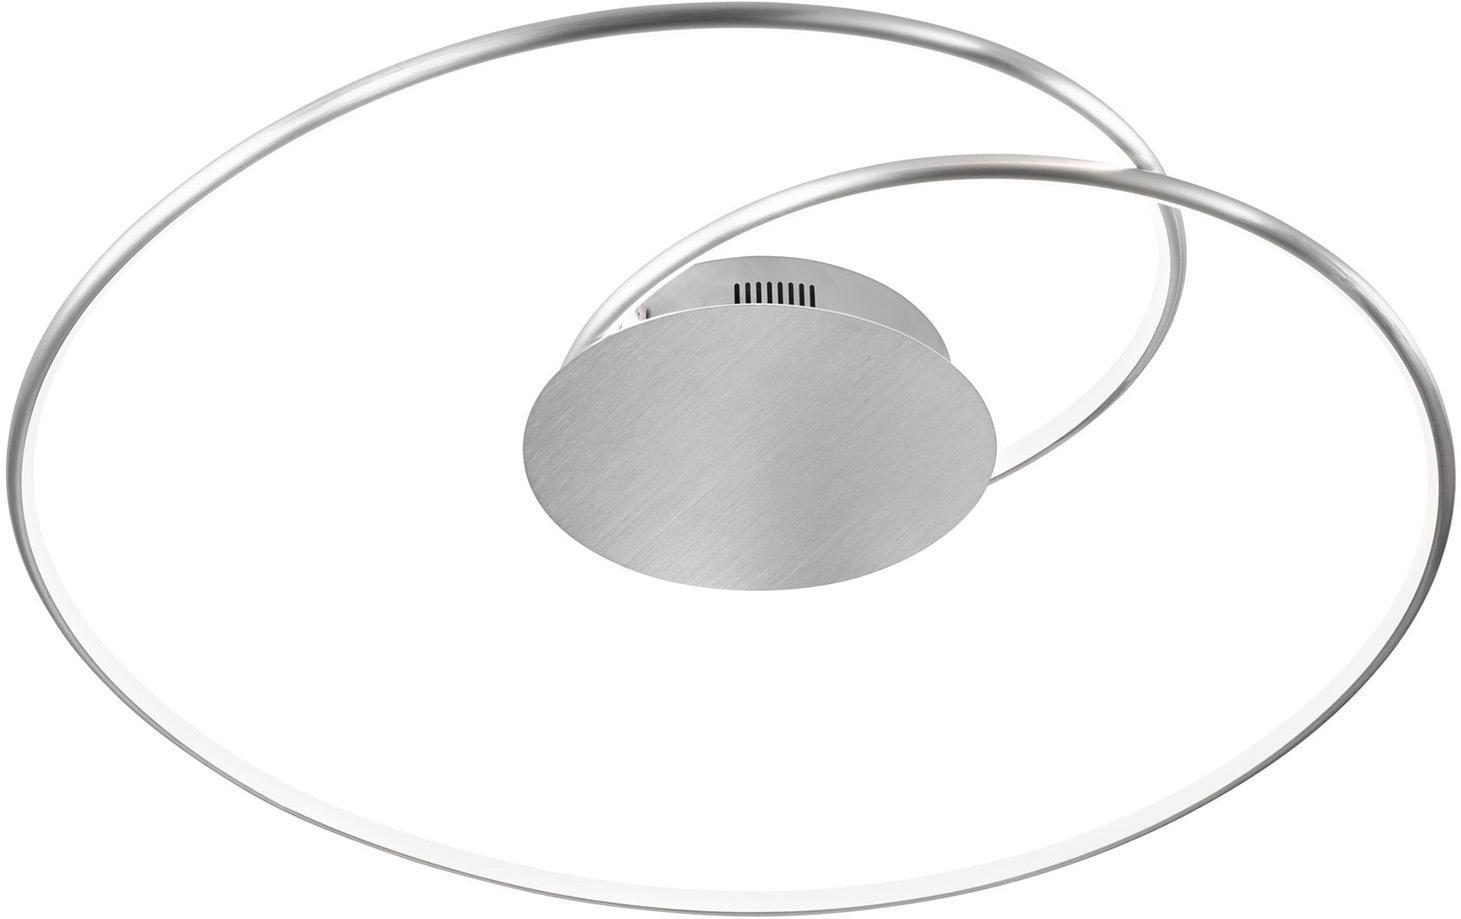 WOFI LED Deckenleuchte OPUS, LED-Board, Warmweiß, LED Deckenlampe